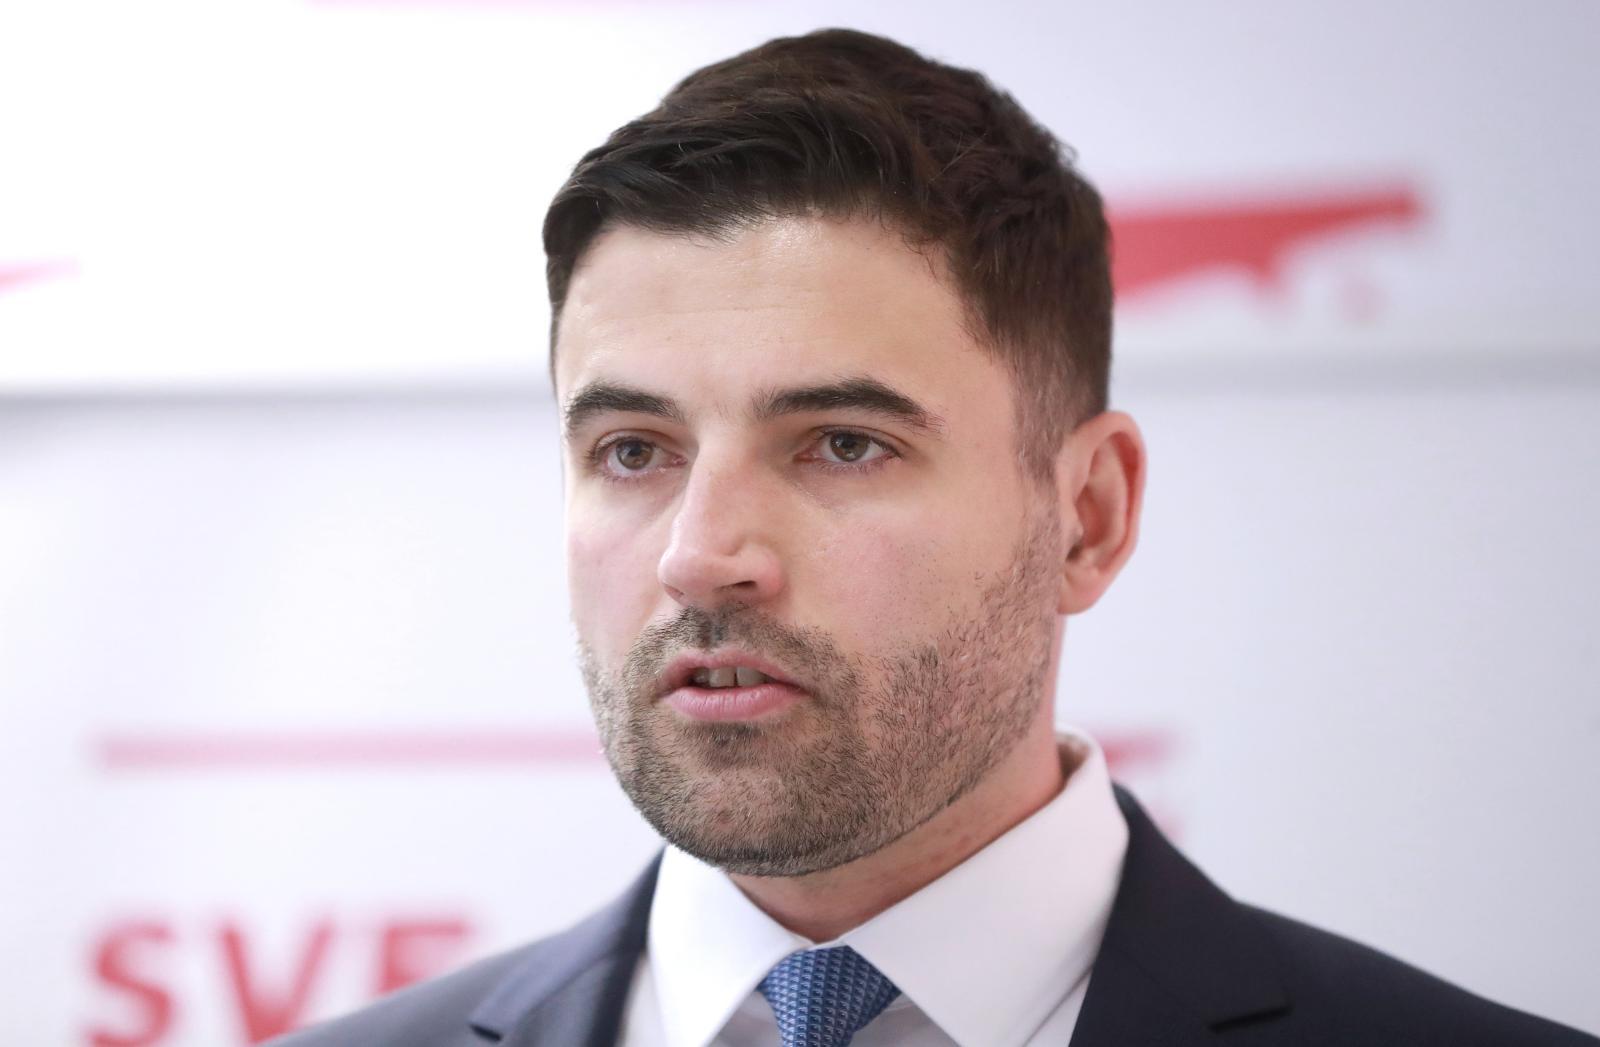 BERNARDIĆ NAKON ČETVEROSATNE SJEDNICE 'Nitko nije tražio moju ostavku'